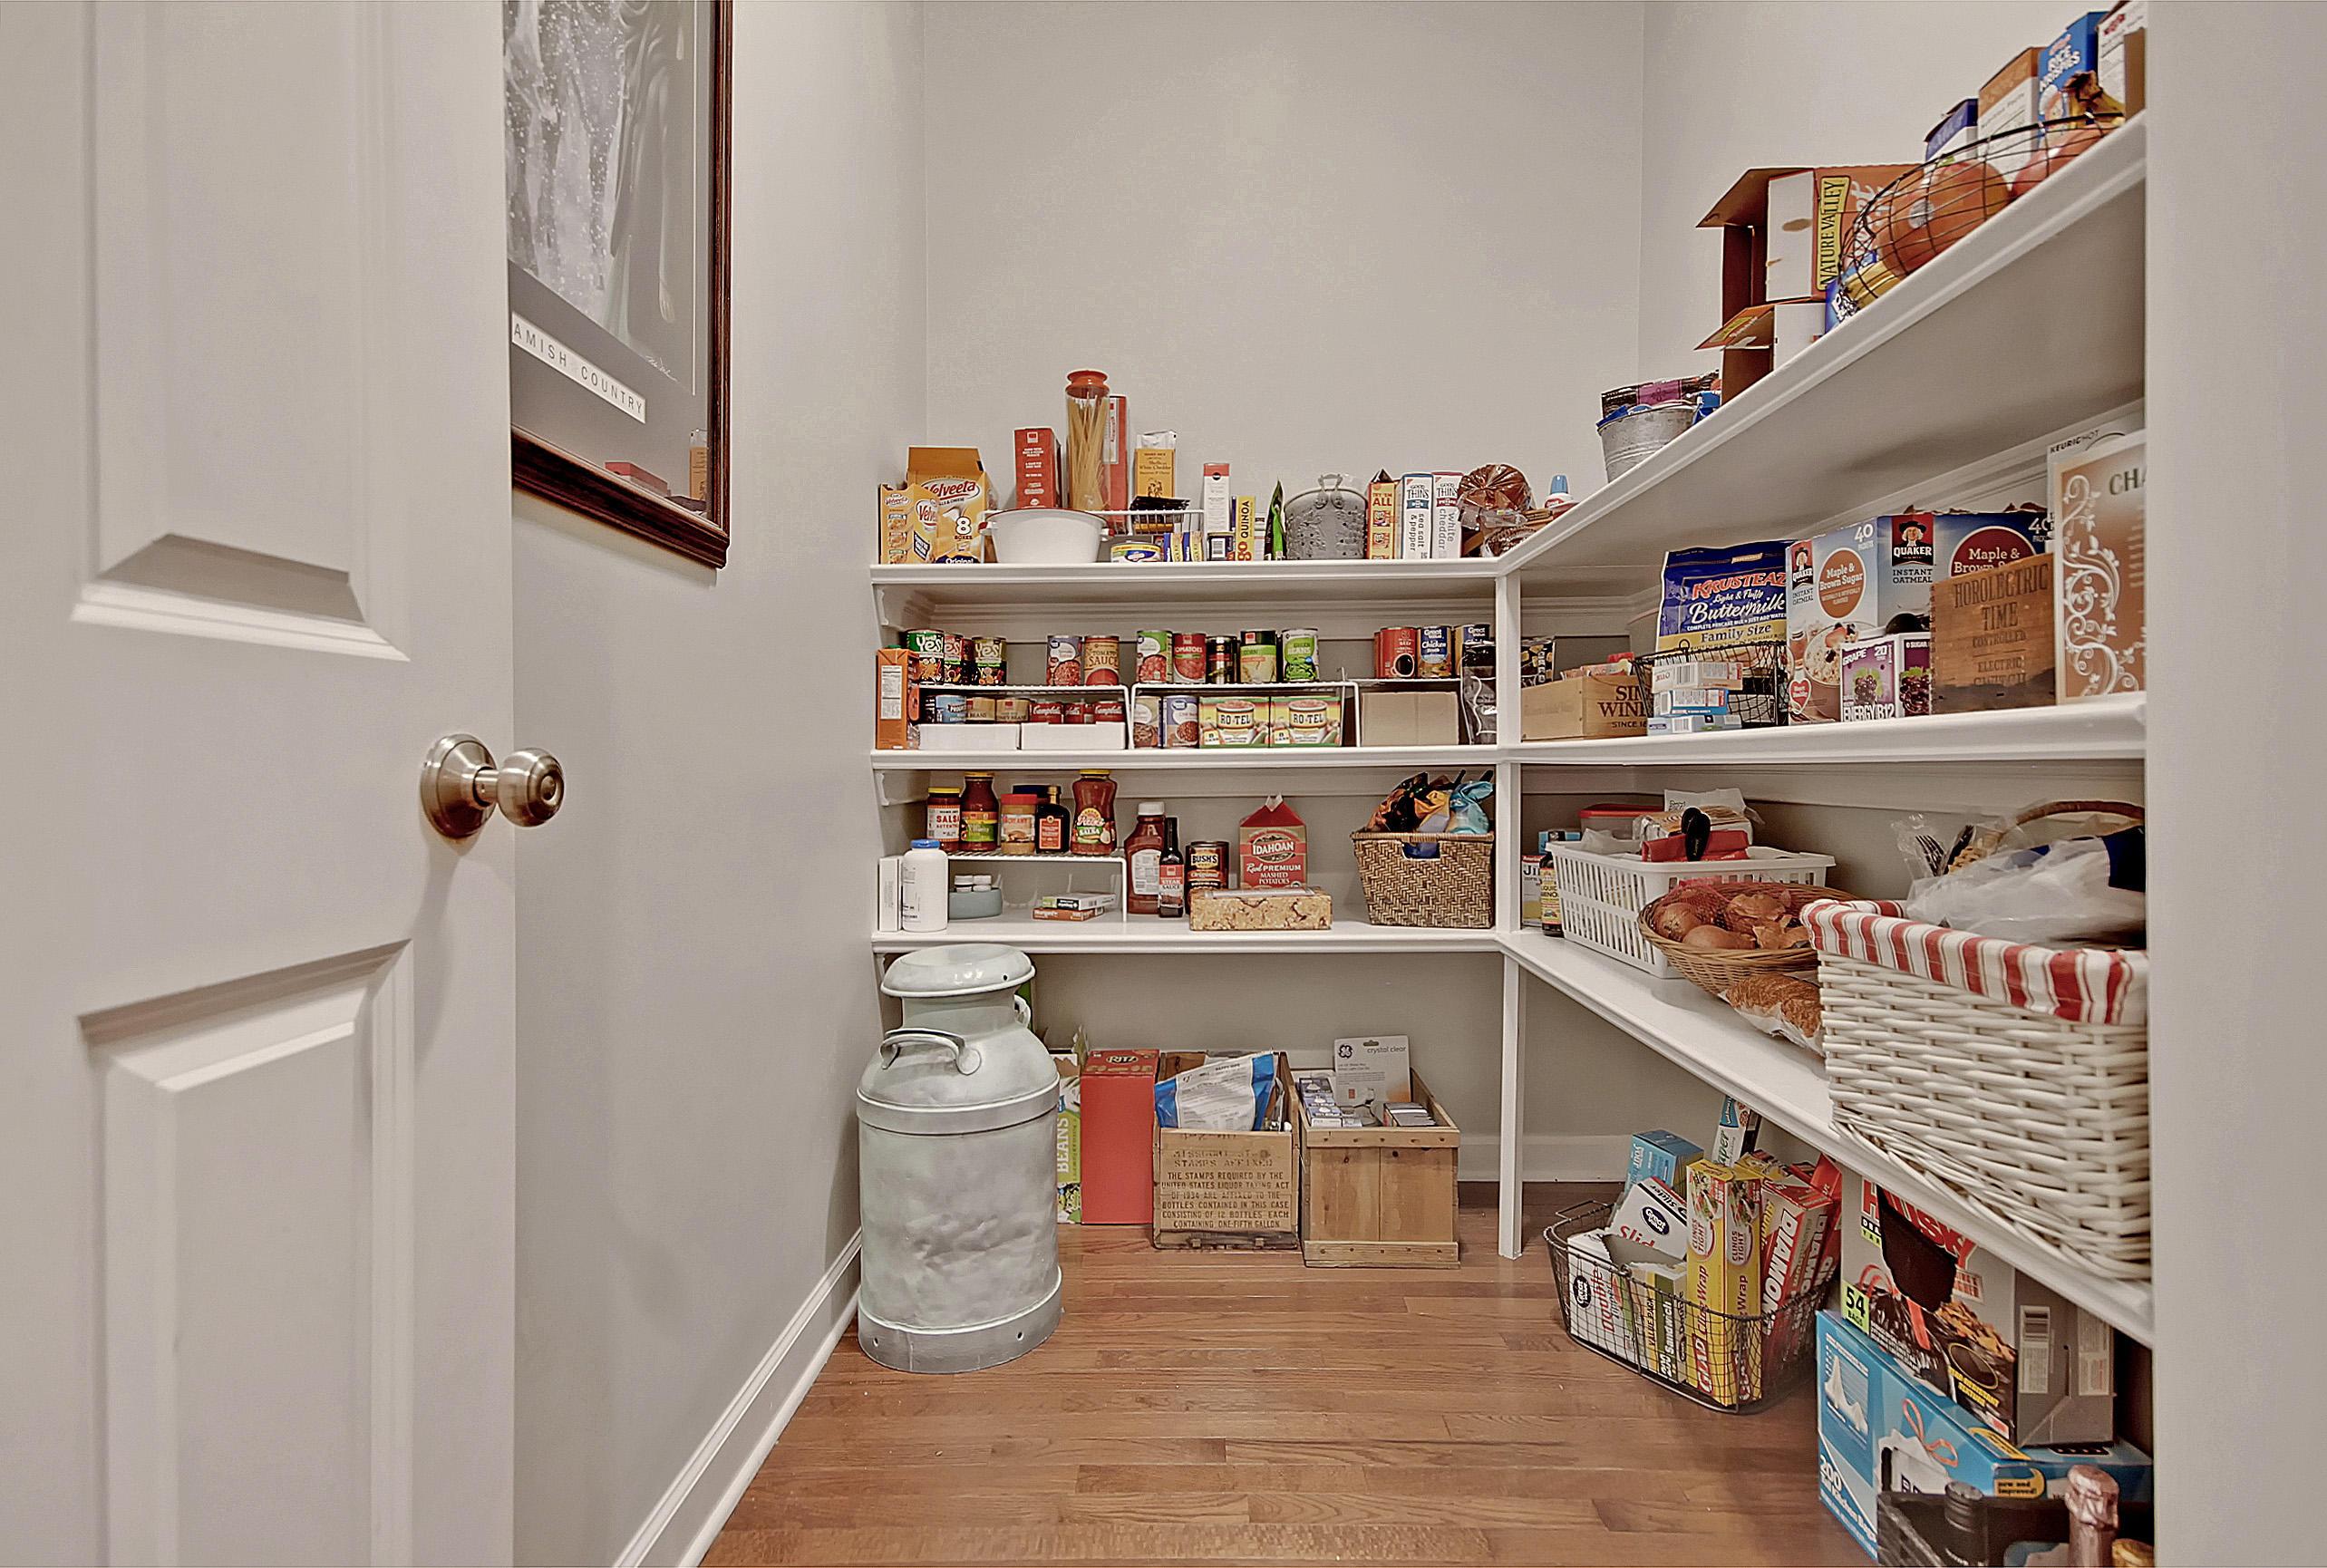 Dunes West Homes For Sale - 3056 Riverwood, Mount Pleasant, SC - 10